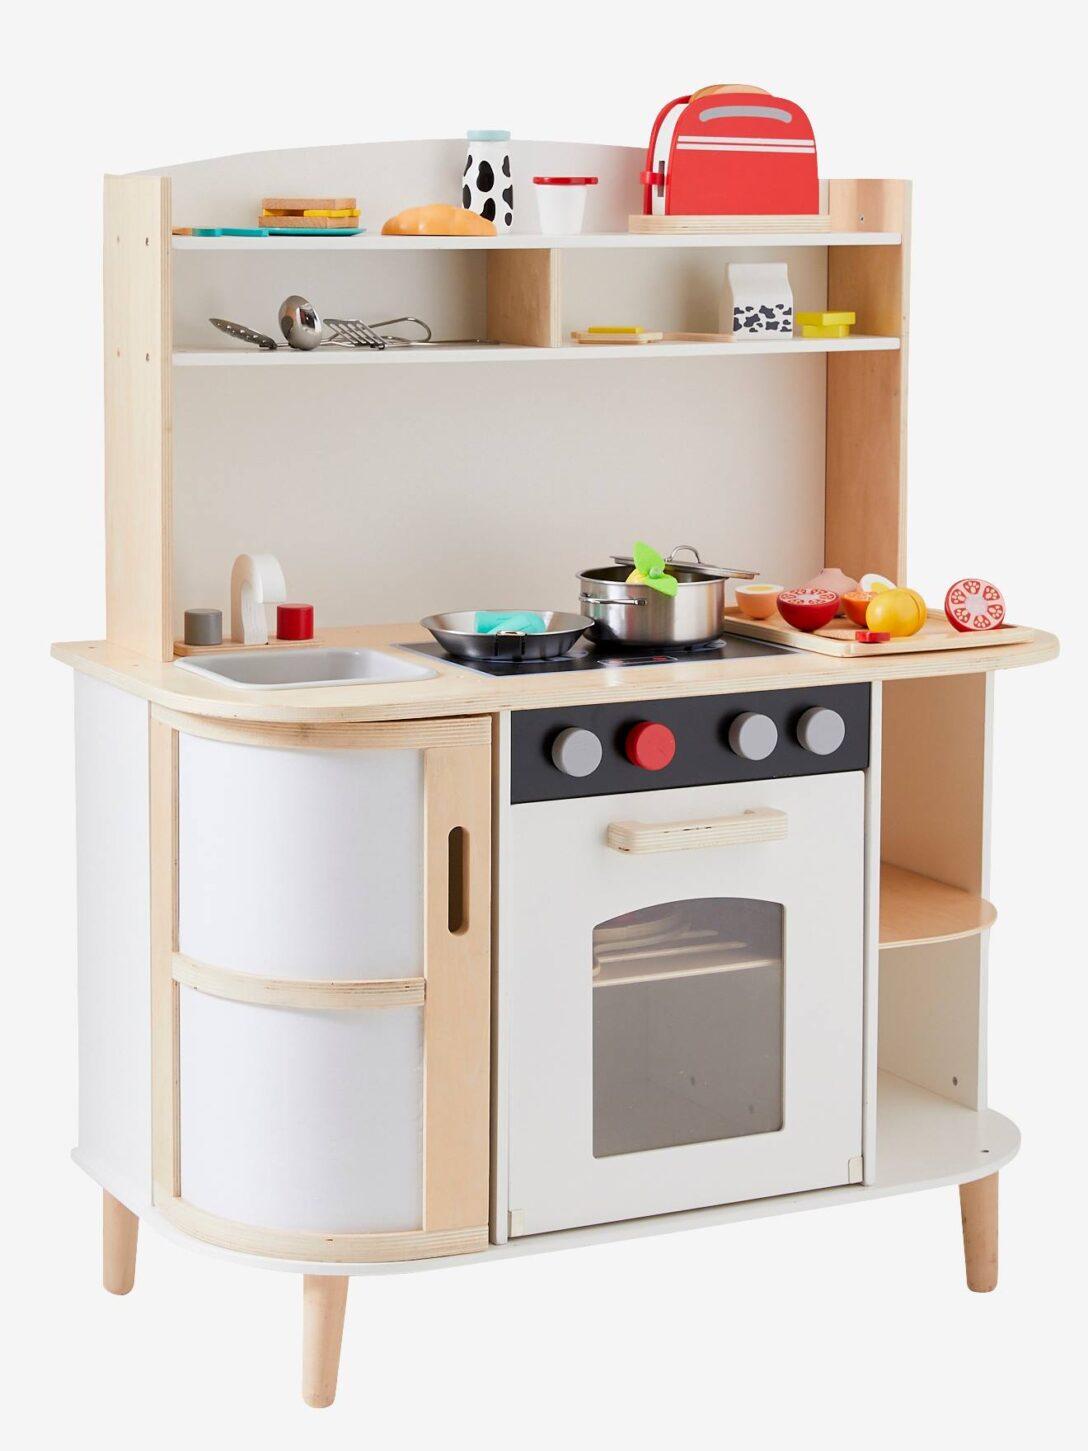 Large Size of Vertbaudet Spielkche Haute Cuisine In Wei Natur Kinder Spielküche Wohnzimmer Spielküche